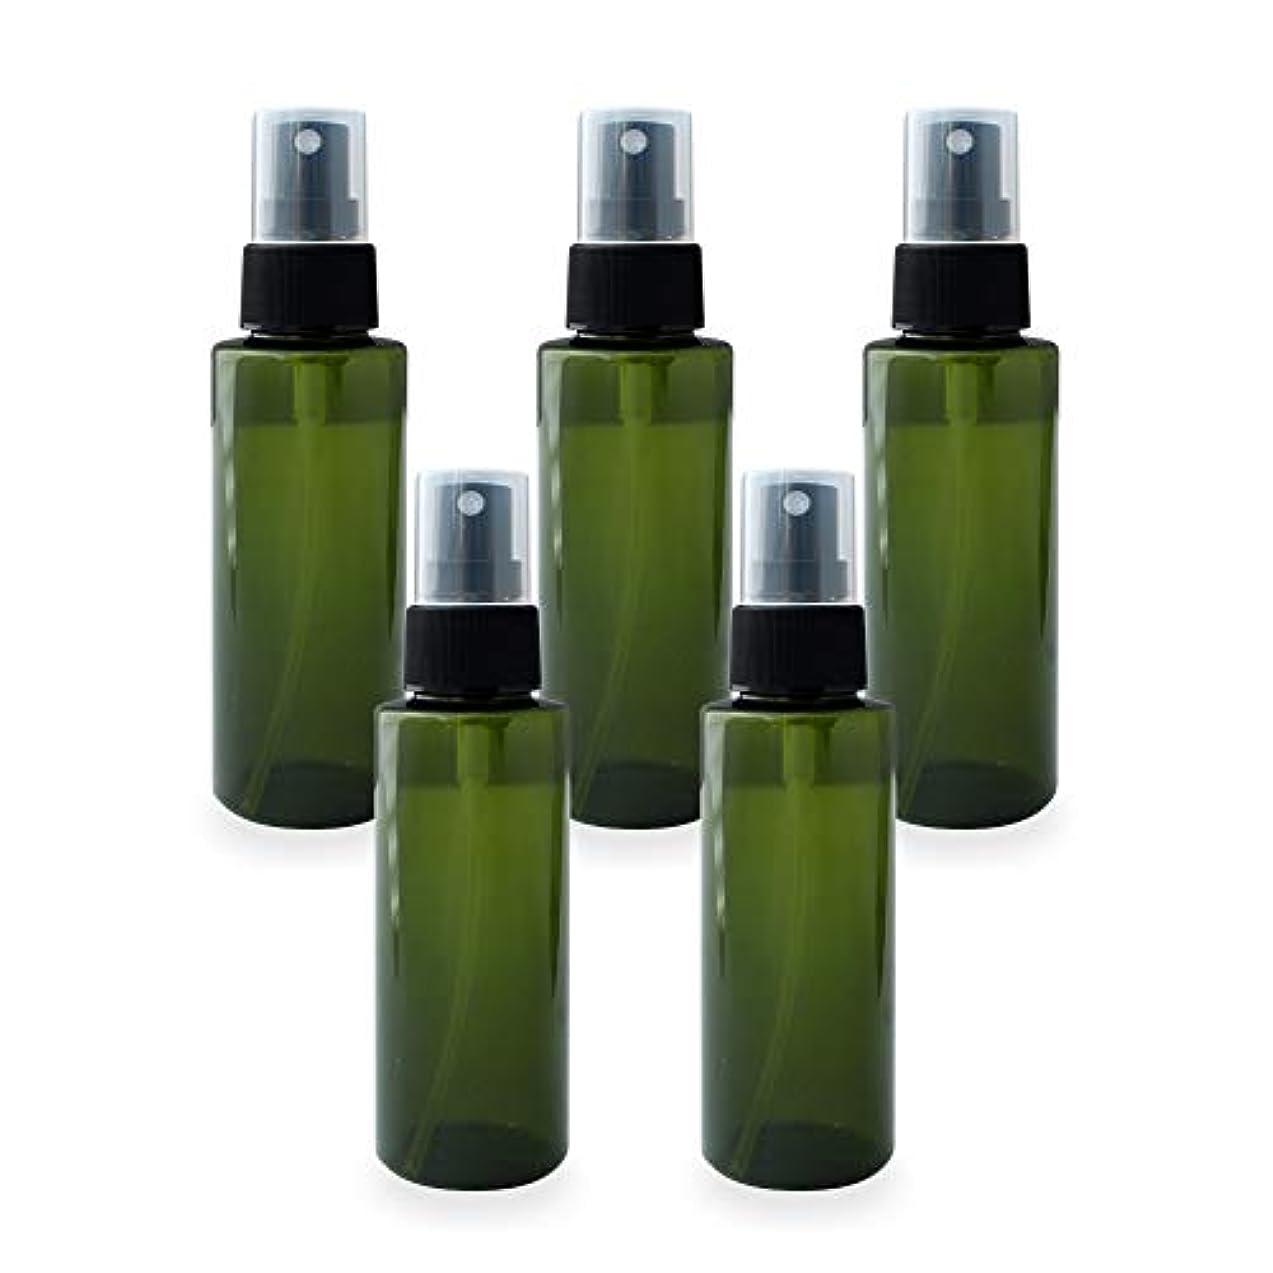 制限忠実にどう?スプレーボトル100ml×5本セット(グリーン)(プラスチック容器 オイル用空瓶 プラスチック製-PET 空ボトル アロマスプレー)